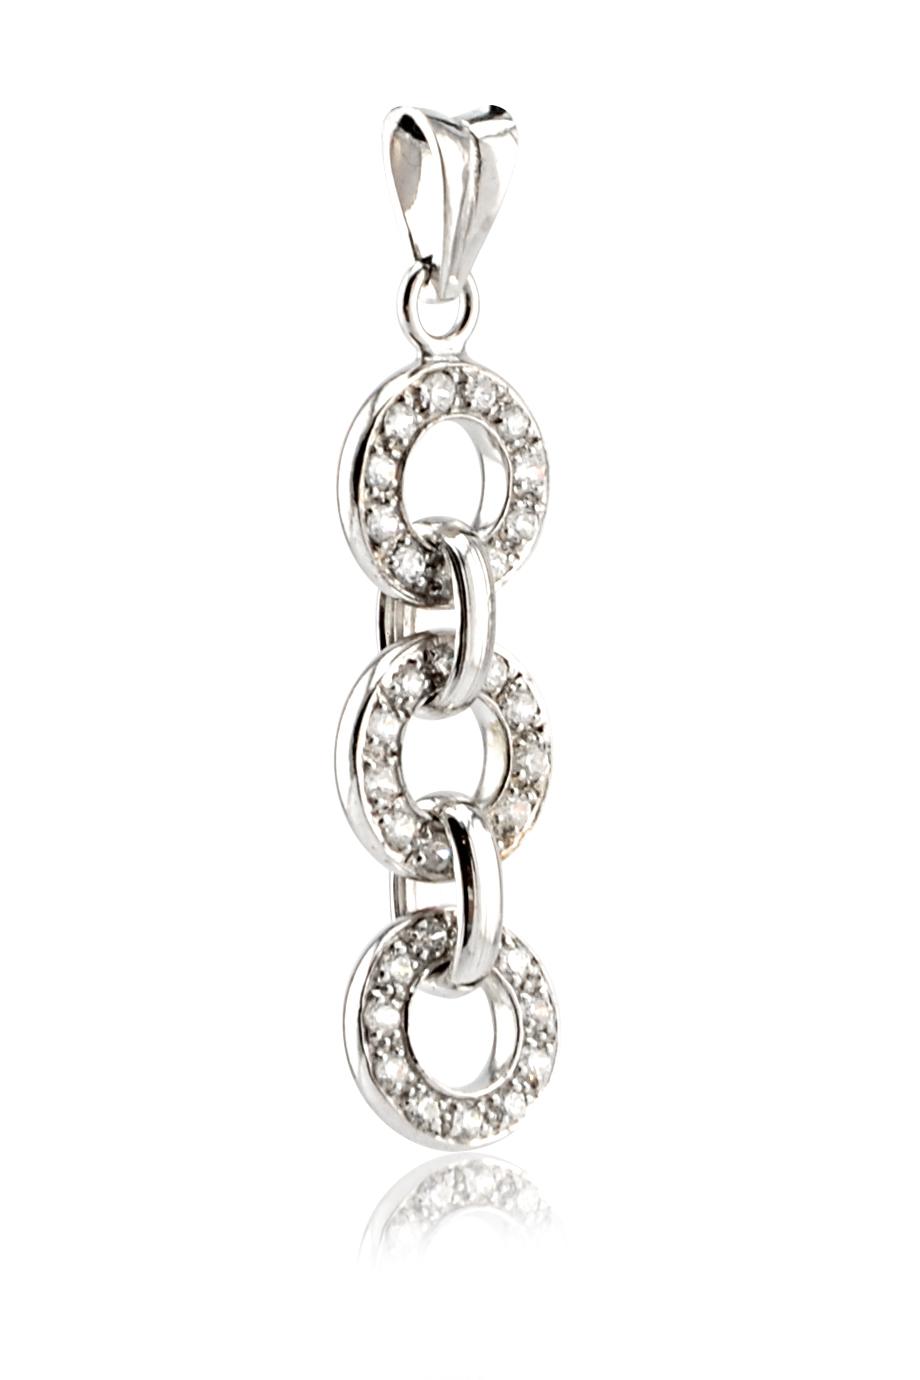 Mặt dây chuyền Bạc 925 Triple Circles Crystal Silver 925 Pendant (9x38mm)